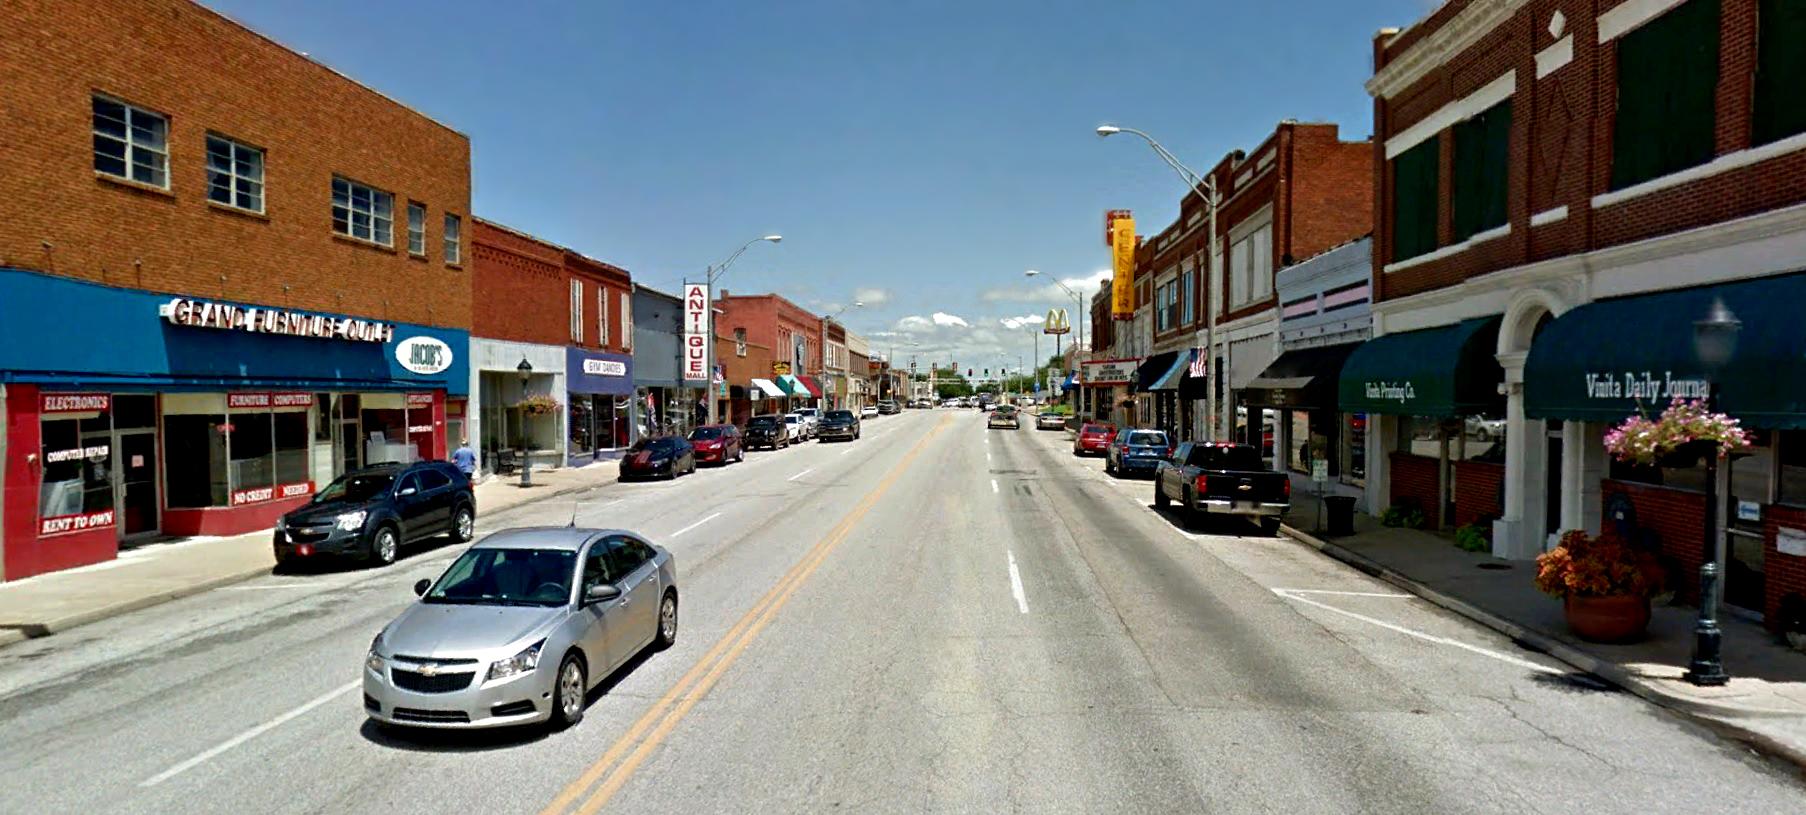 Vinita Main Street